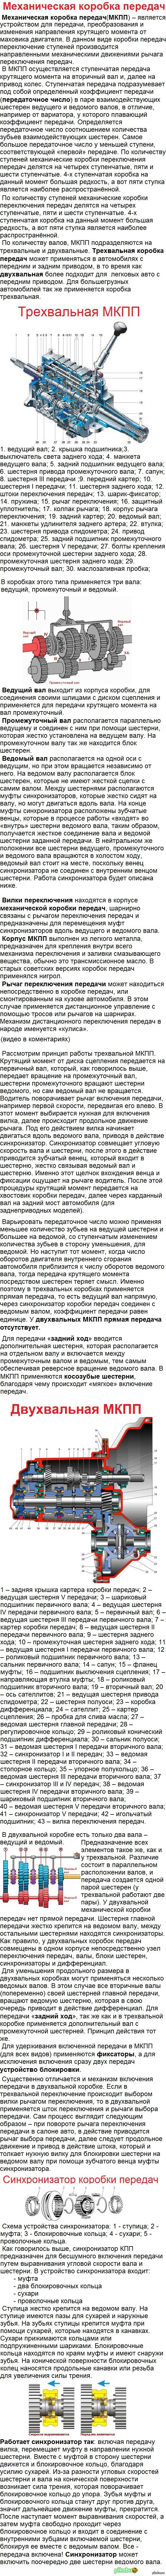 Механическая коробка передач (длиннопост) АКПП http://pikabu.ru/story/_1244819 ; РКПП http://pikabu.ru/story/_1244950 ; вариатор http://pikabu.ru/story/_1245025